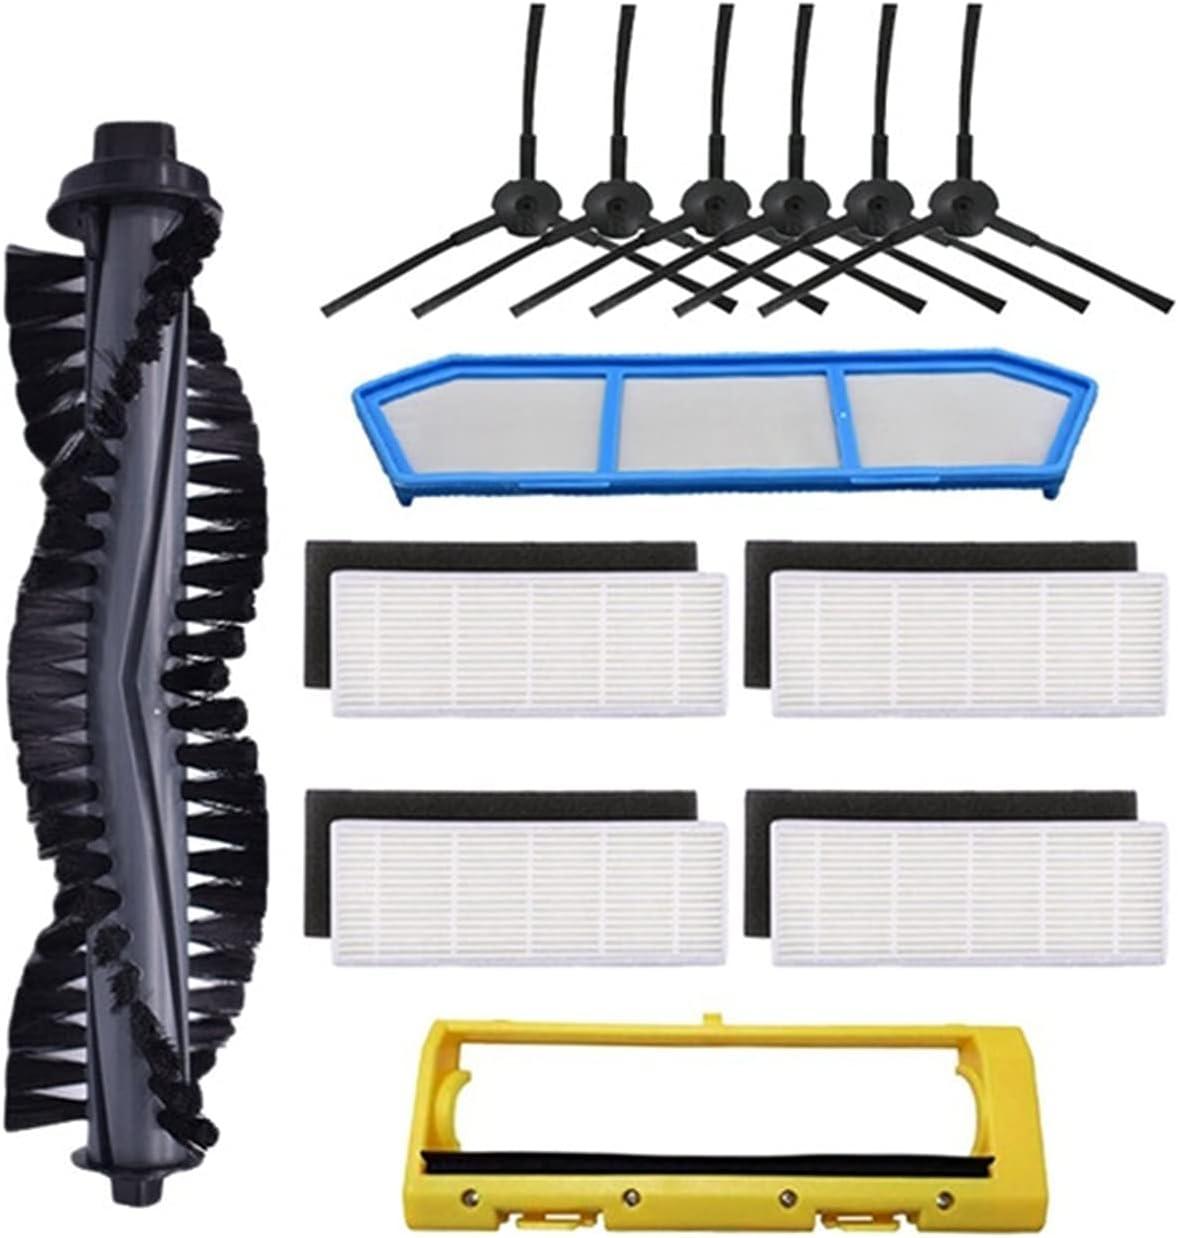 LZHI litao Main Roller Brush Filter Side Brushes Brush Cover fit